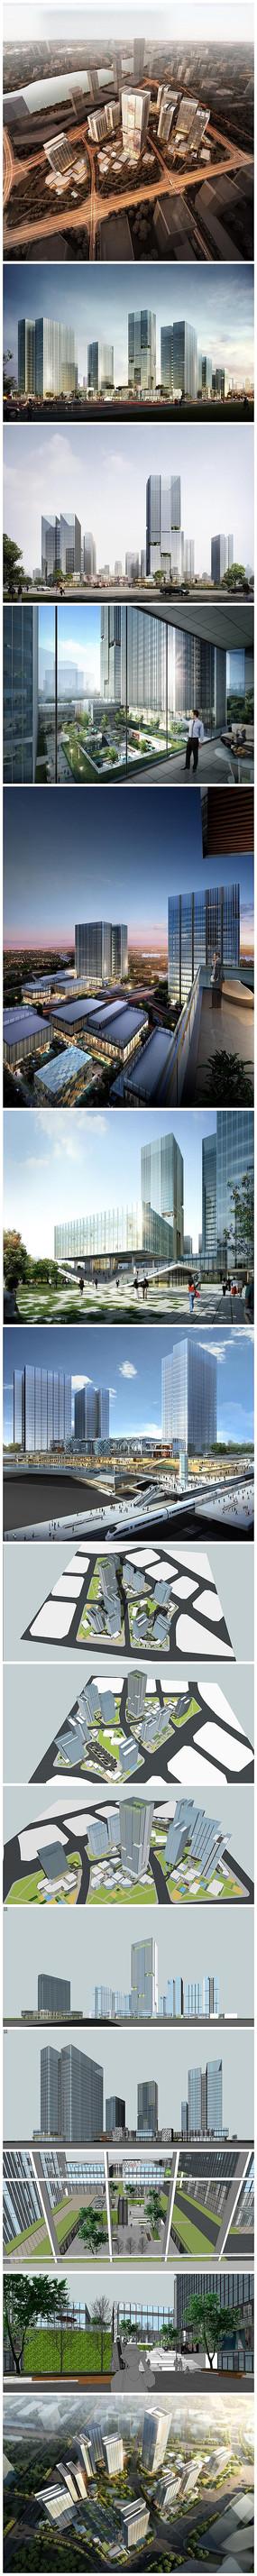 商务办公区建筑景观SU模型